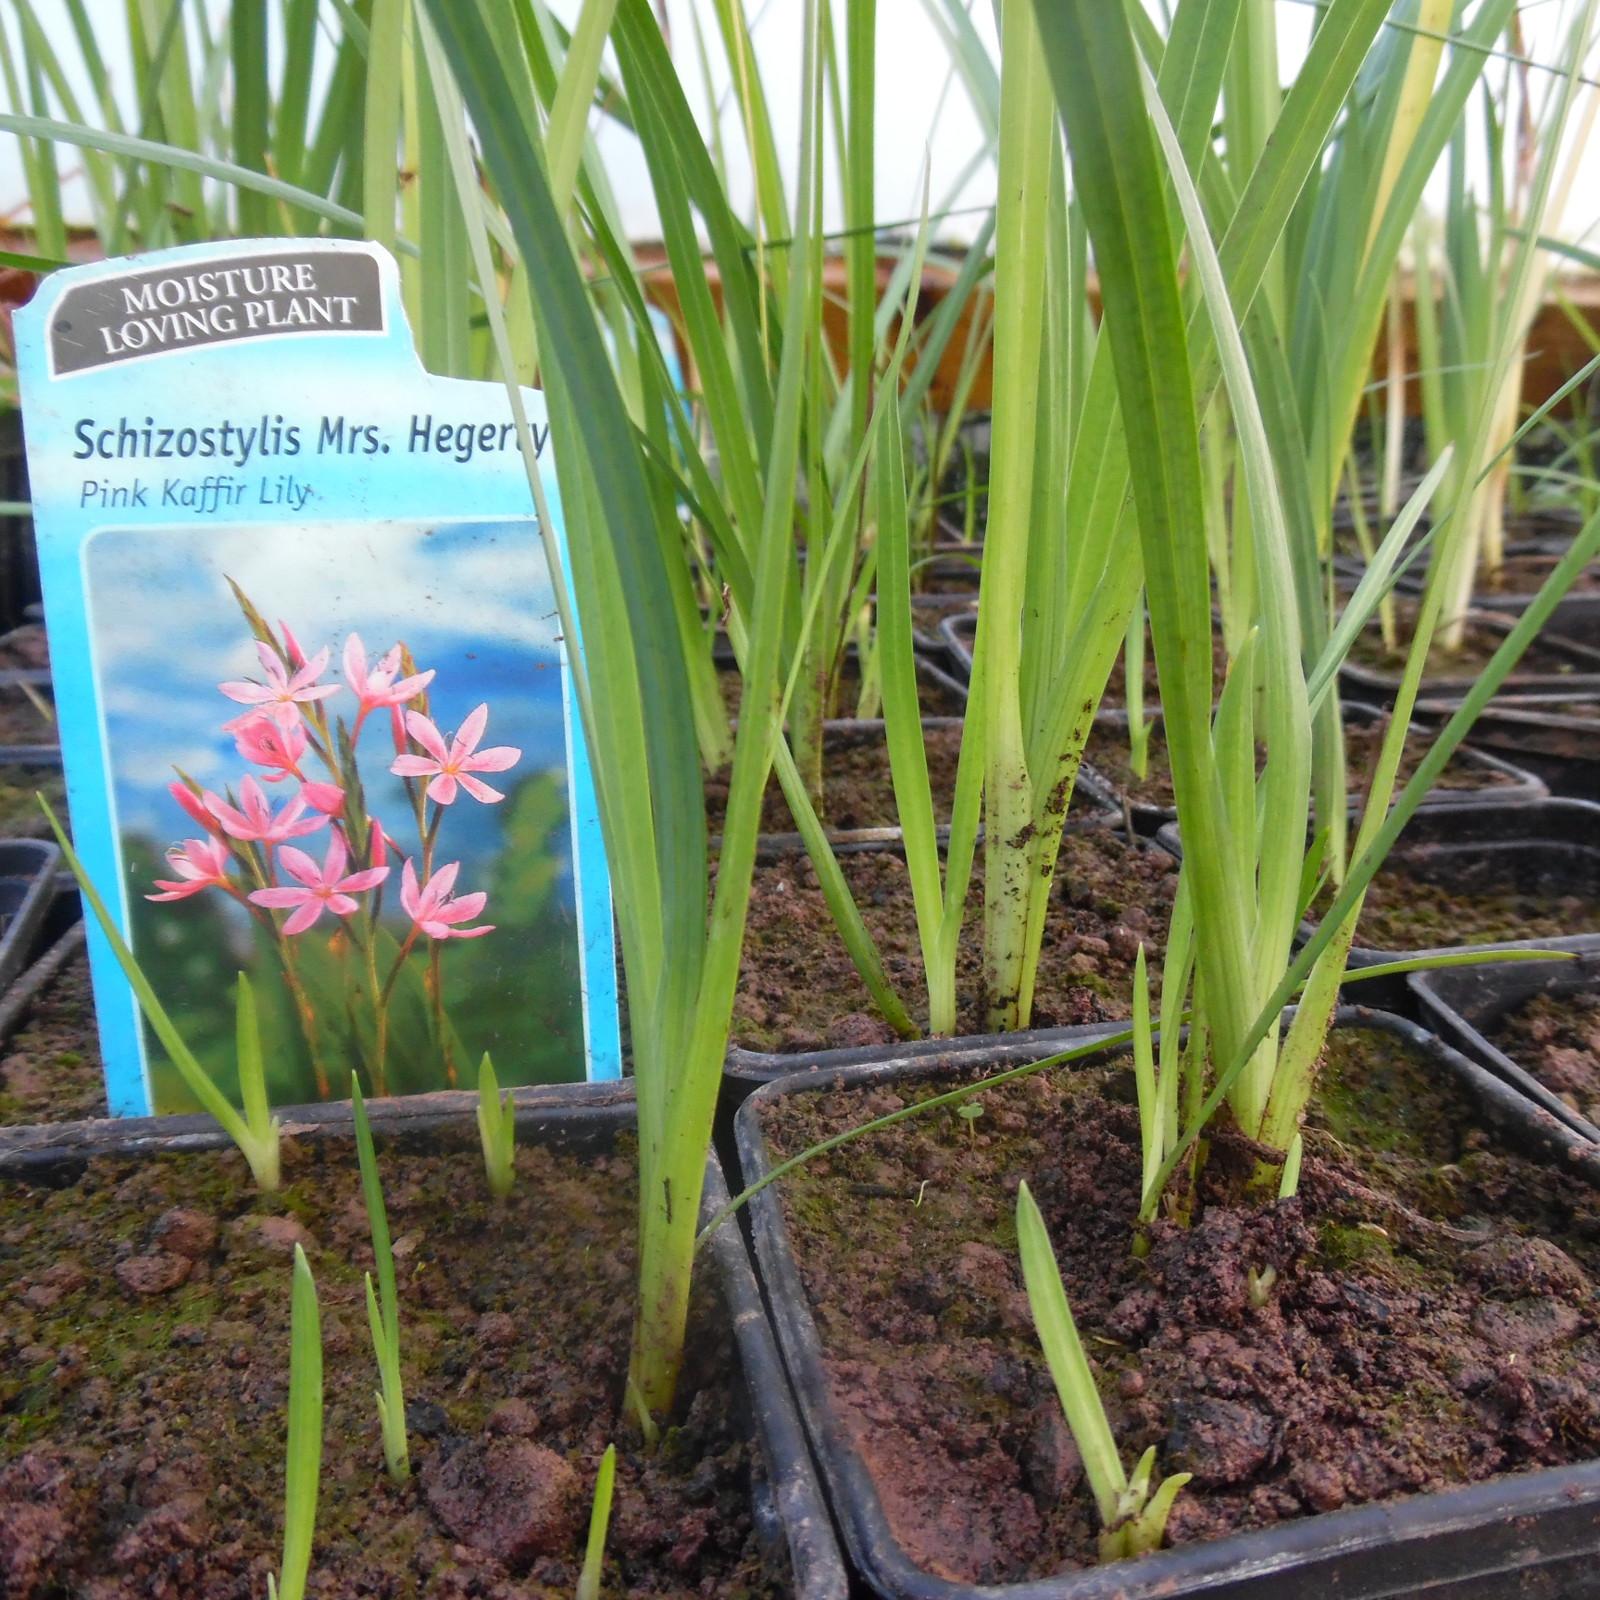 Schizostylis Mrs Hegerty (Pink Kaffir Lily)